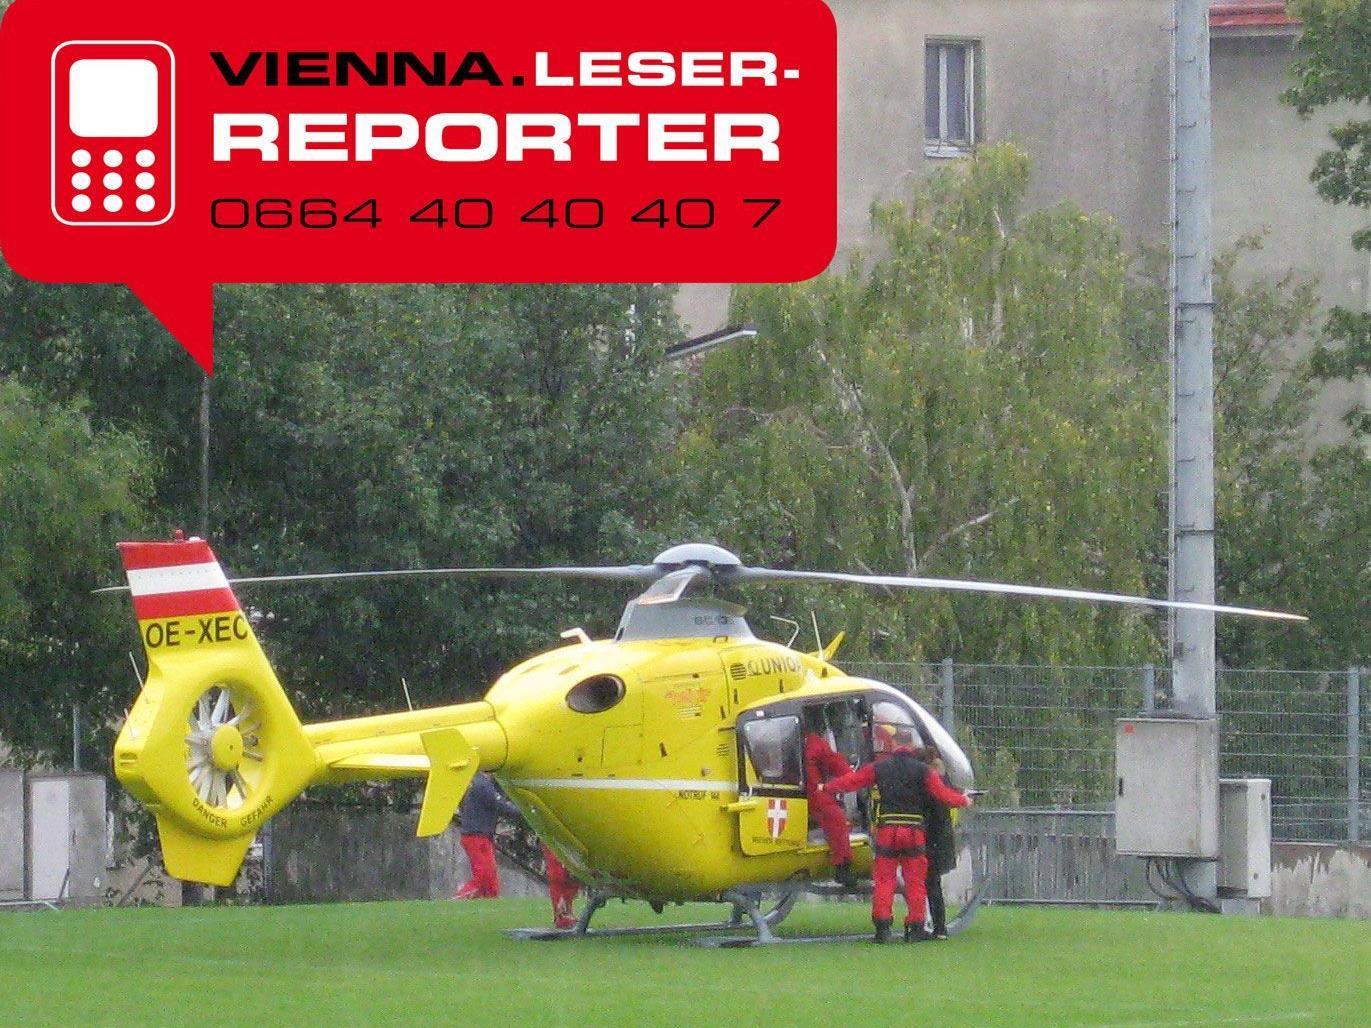 Spektakulärer Heli-Einsatz in Wien-Hütteldorf